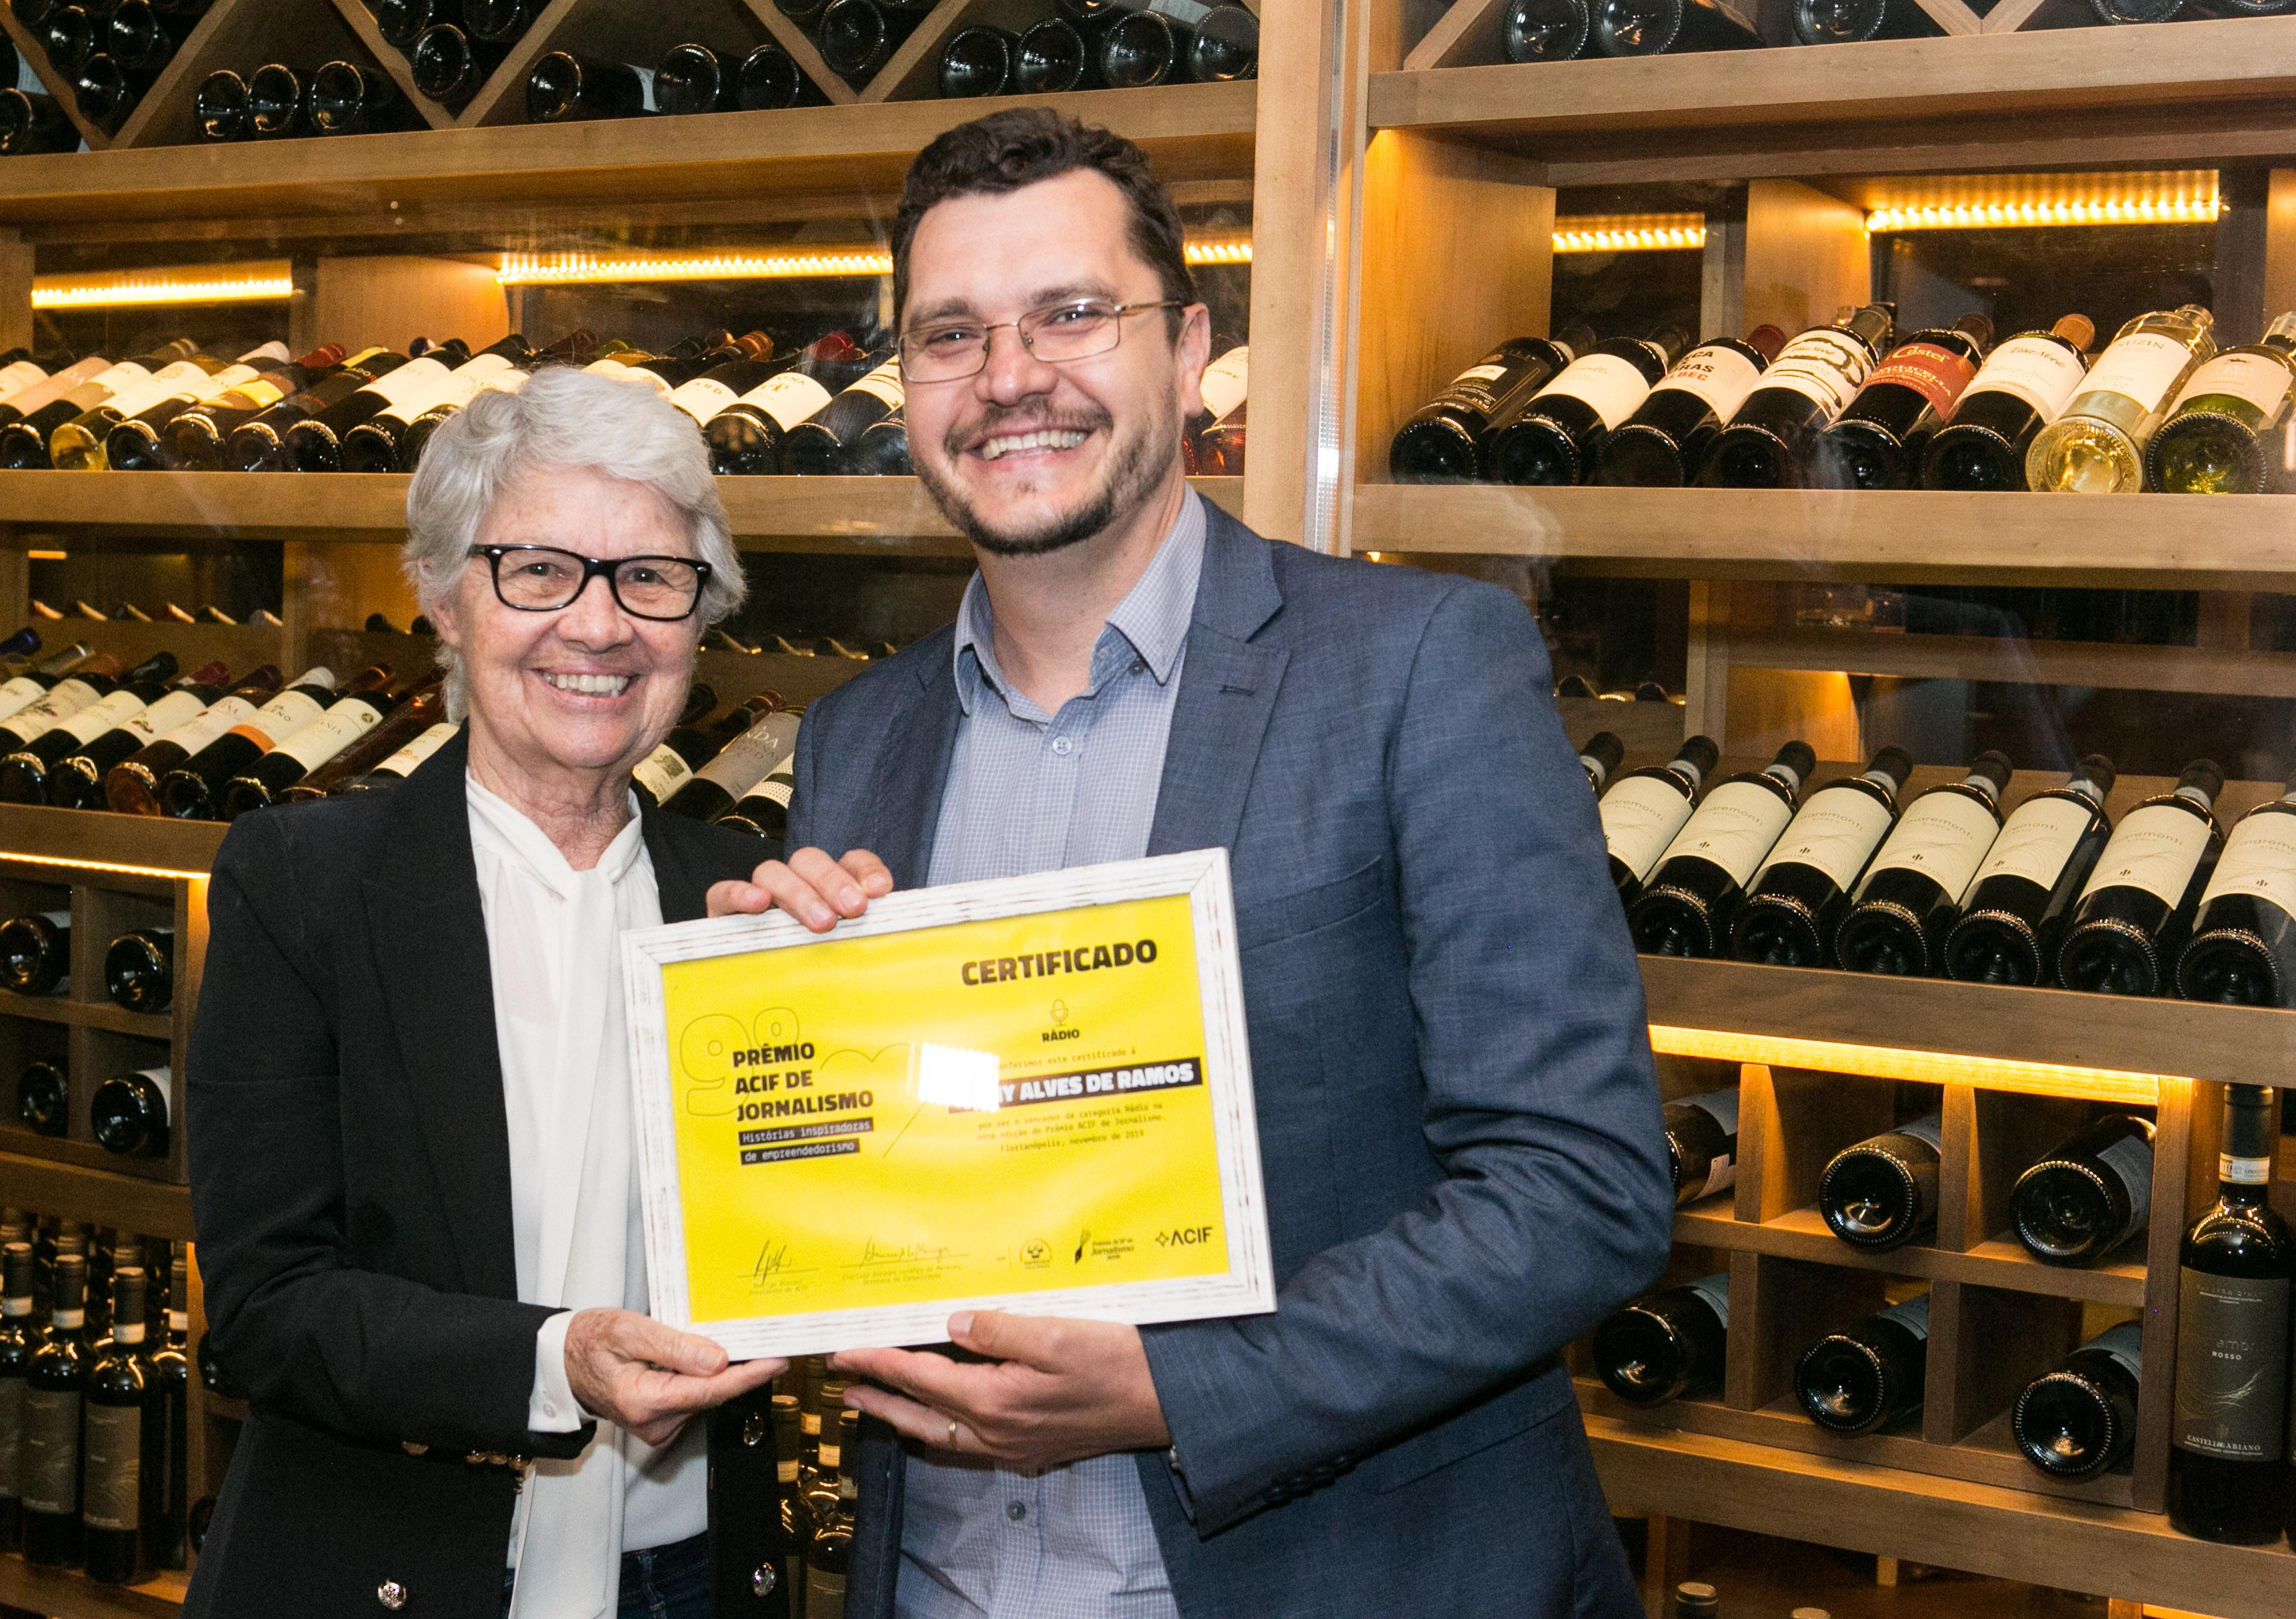 9º Prêmio ACIF de Jornalismo – A paixão que move o empreendedorismo juvenil nas cervejarias artesanais